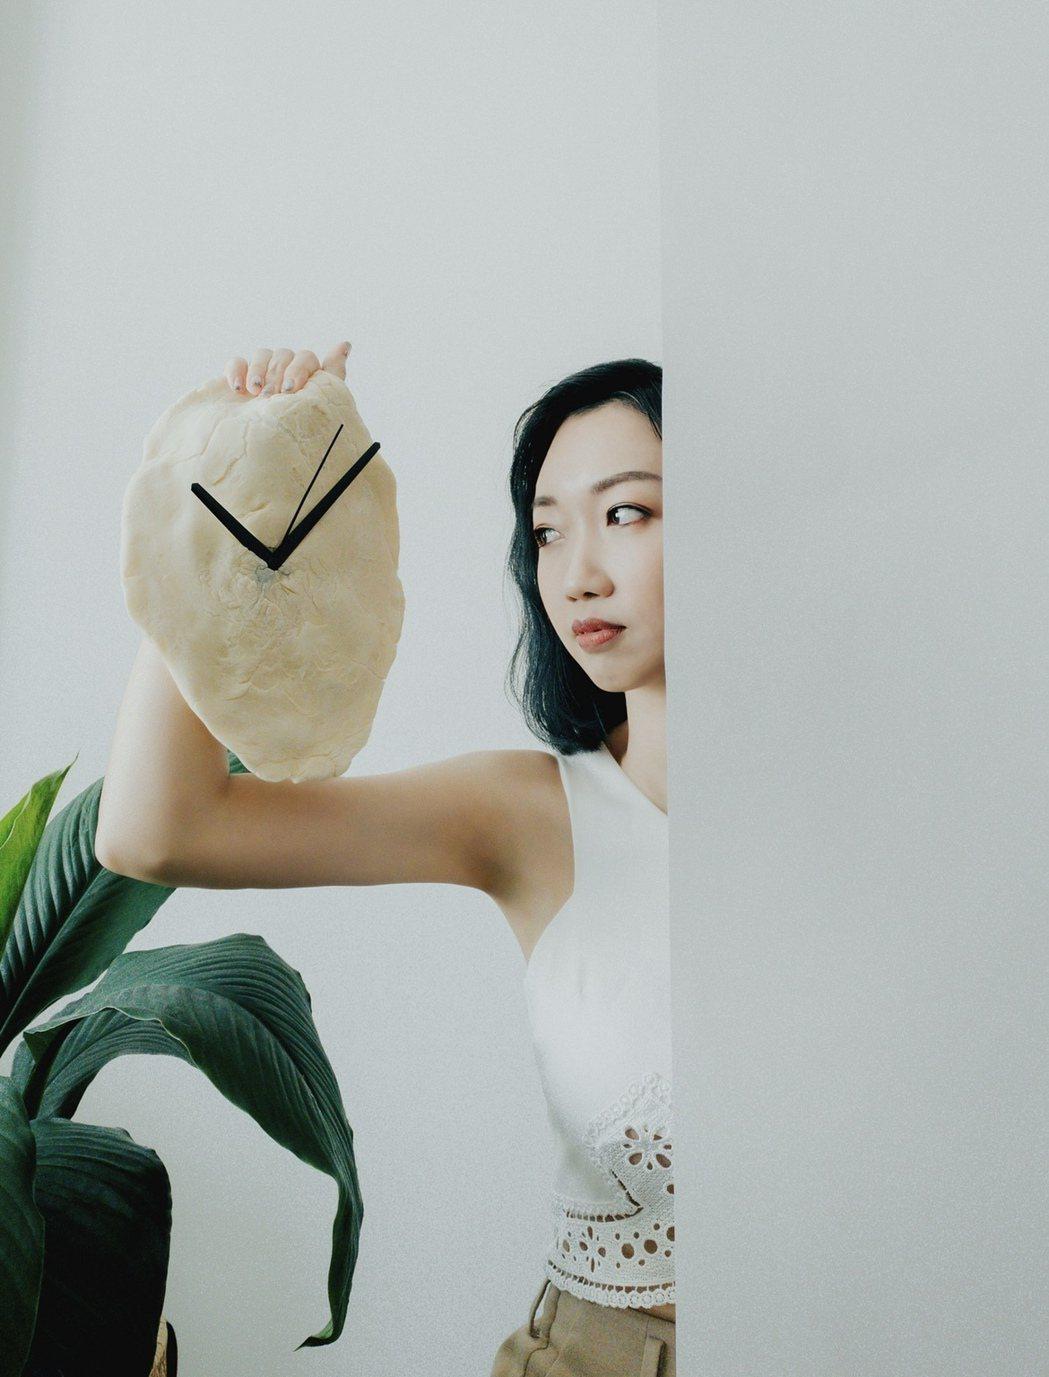 劉慧貞推出全新單曲「任性的時鐘」,向台灣歌壇初試啼聲。圖/劉慧貞本人提供